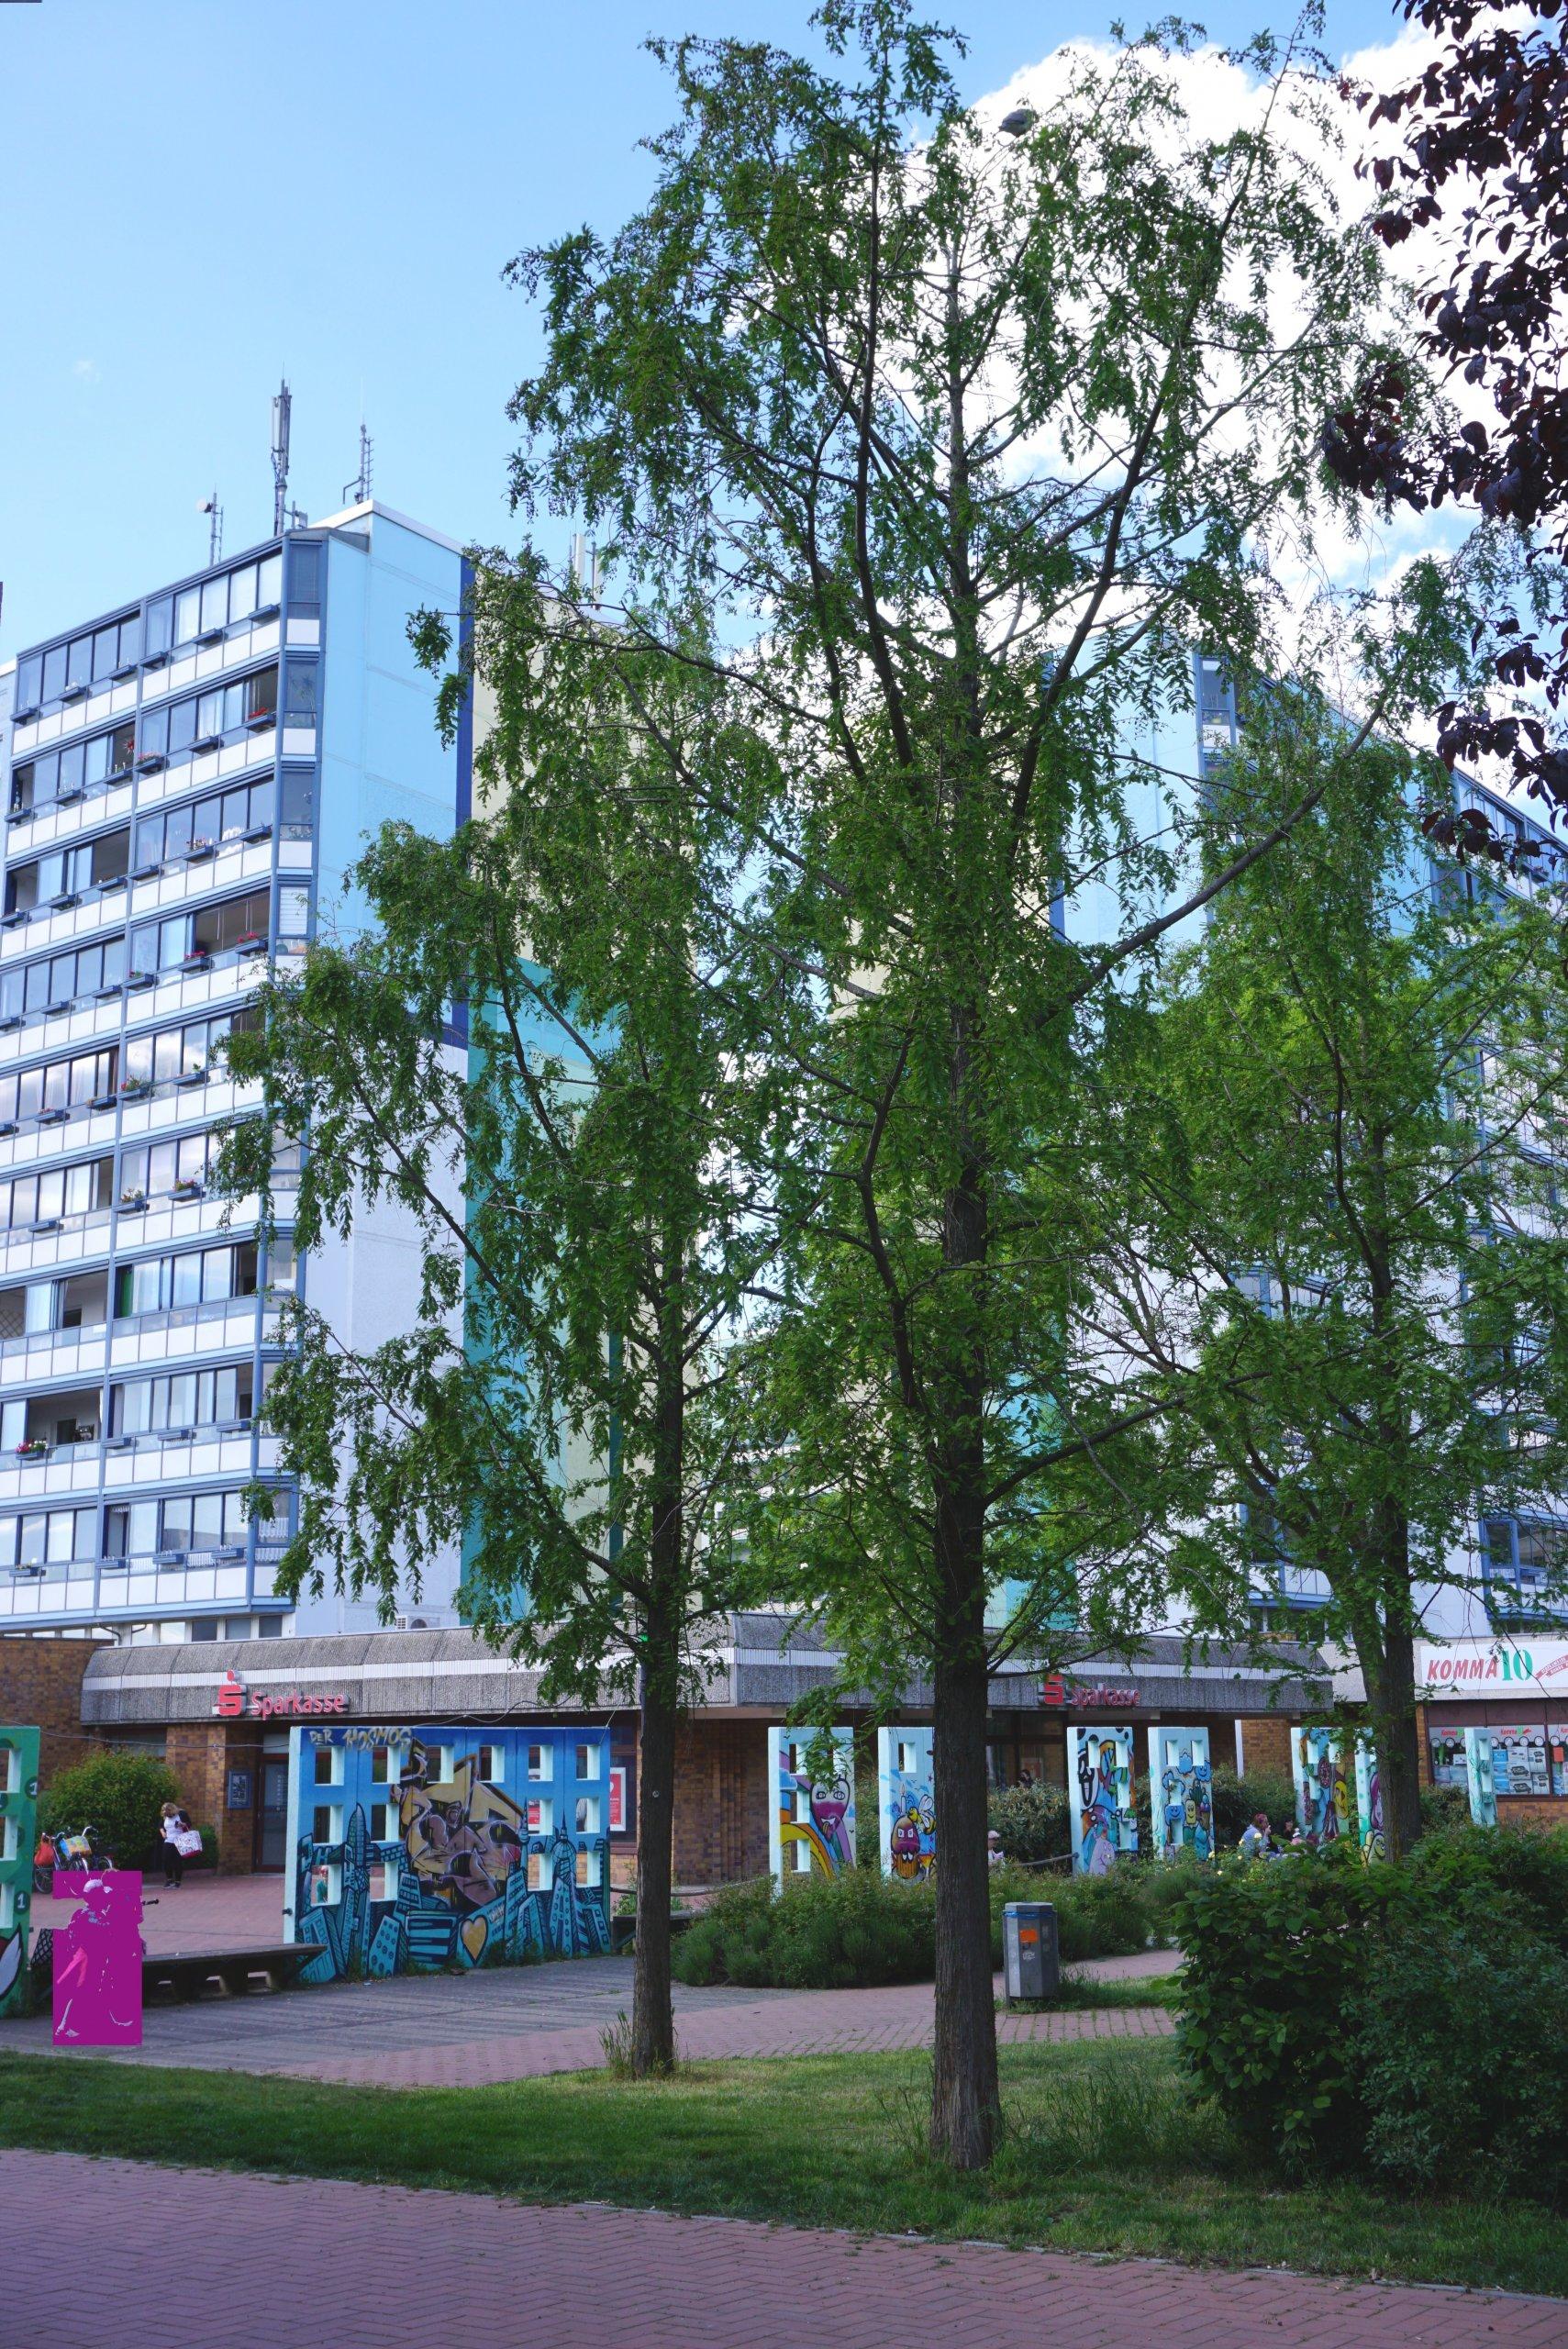 Das Bild zeigt eine Dreiergruppe aus Urweltmammutbäumen im zentralen Grünzug des Kosmosviertels.